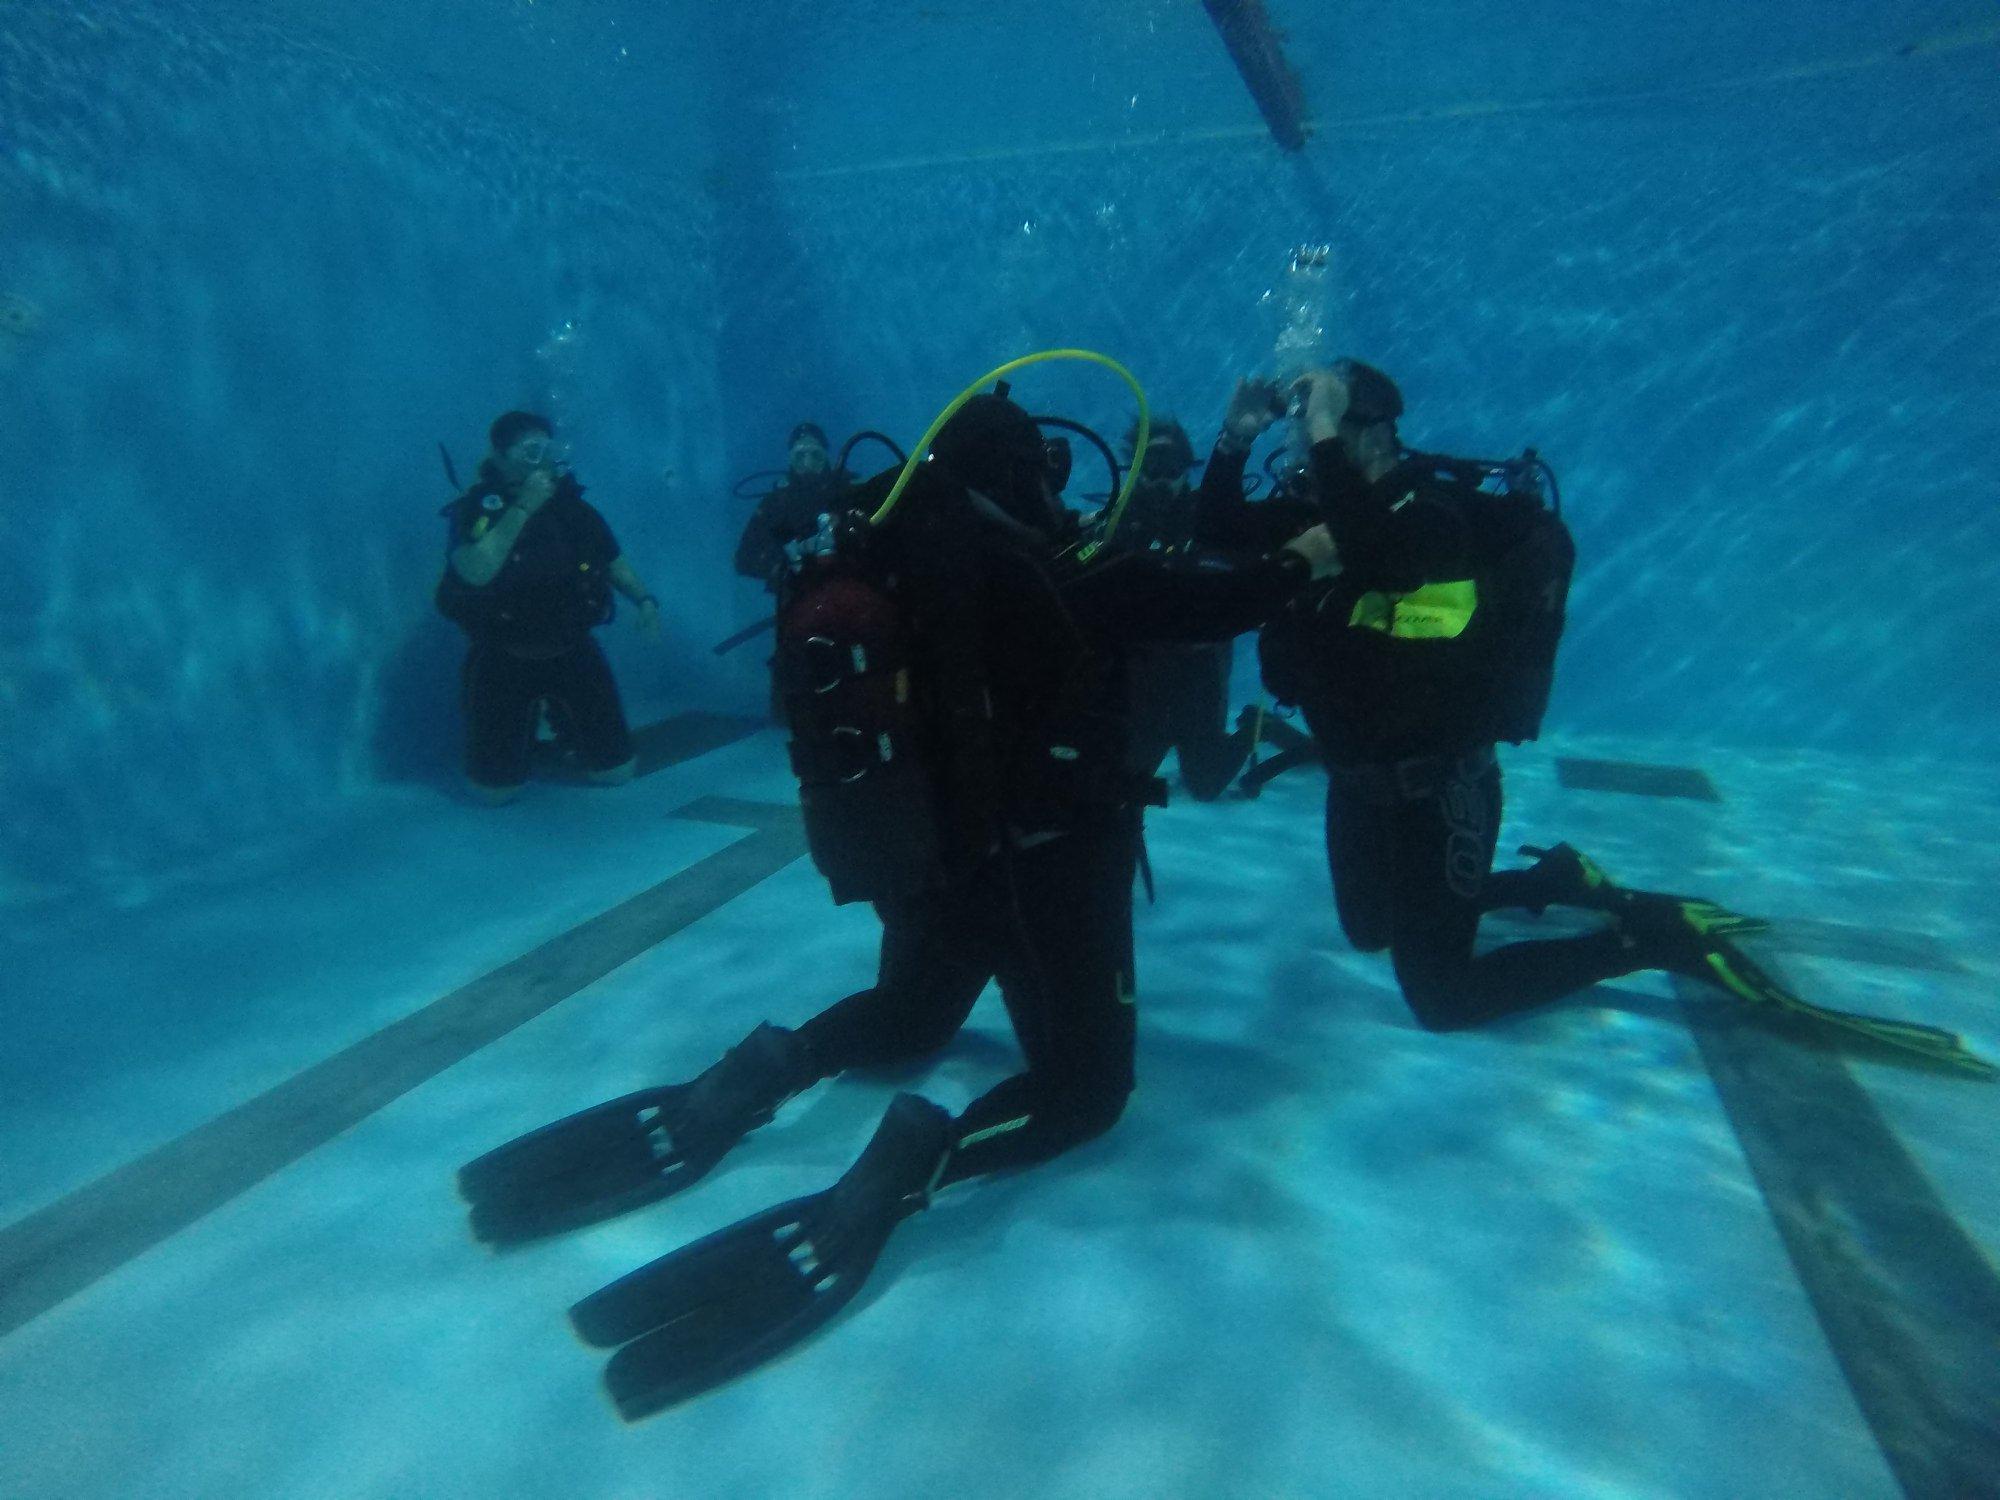 σχολείο καταδύσεων σε πισίνα απο intermare divers